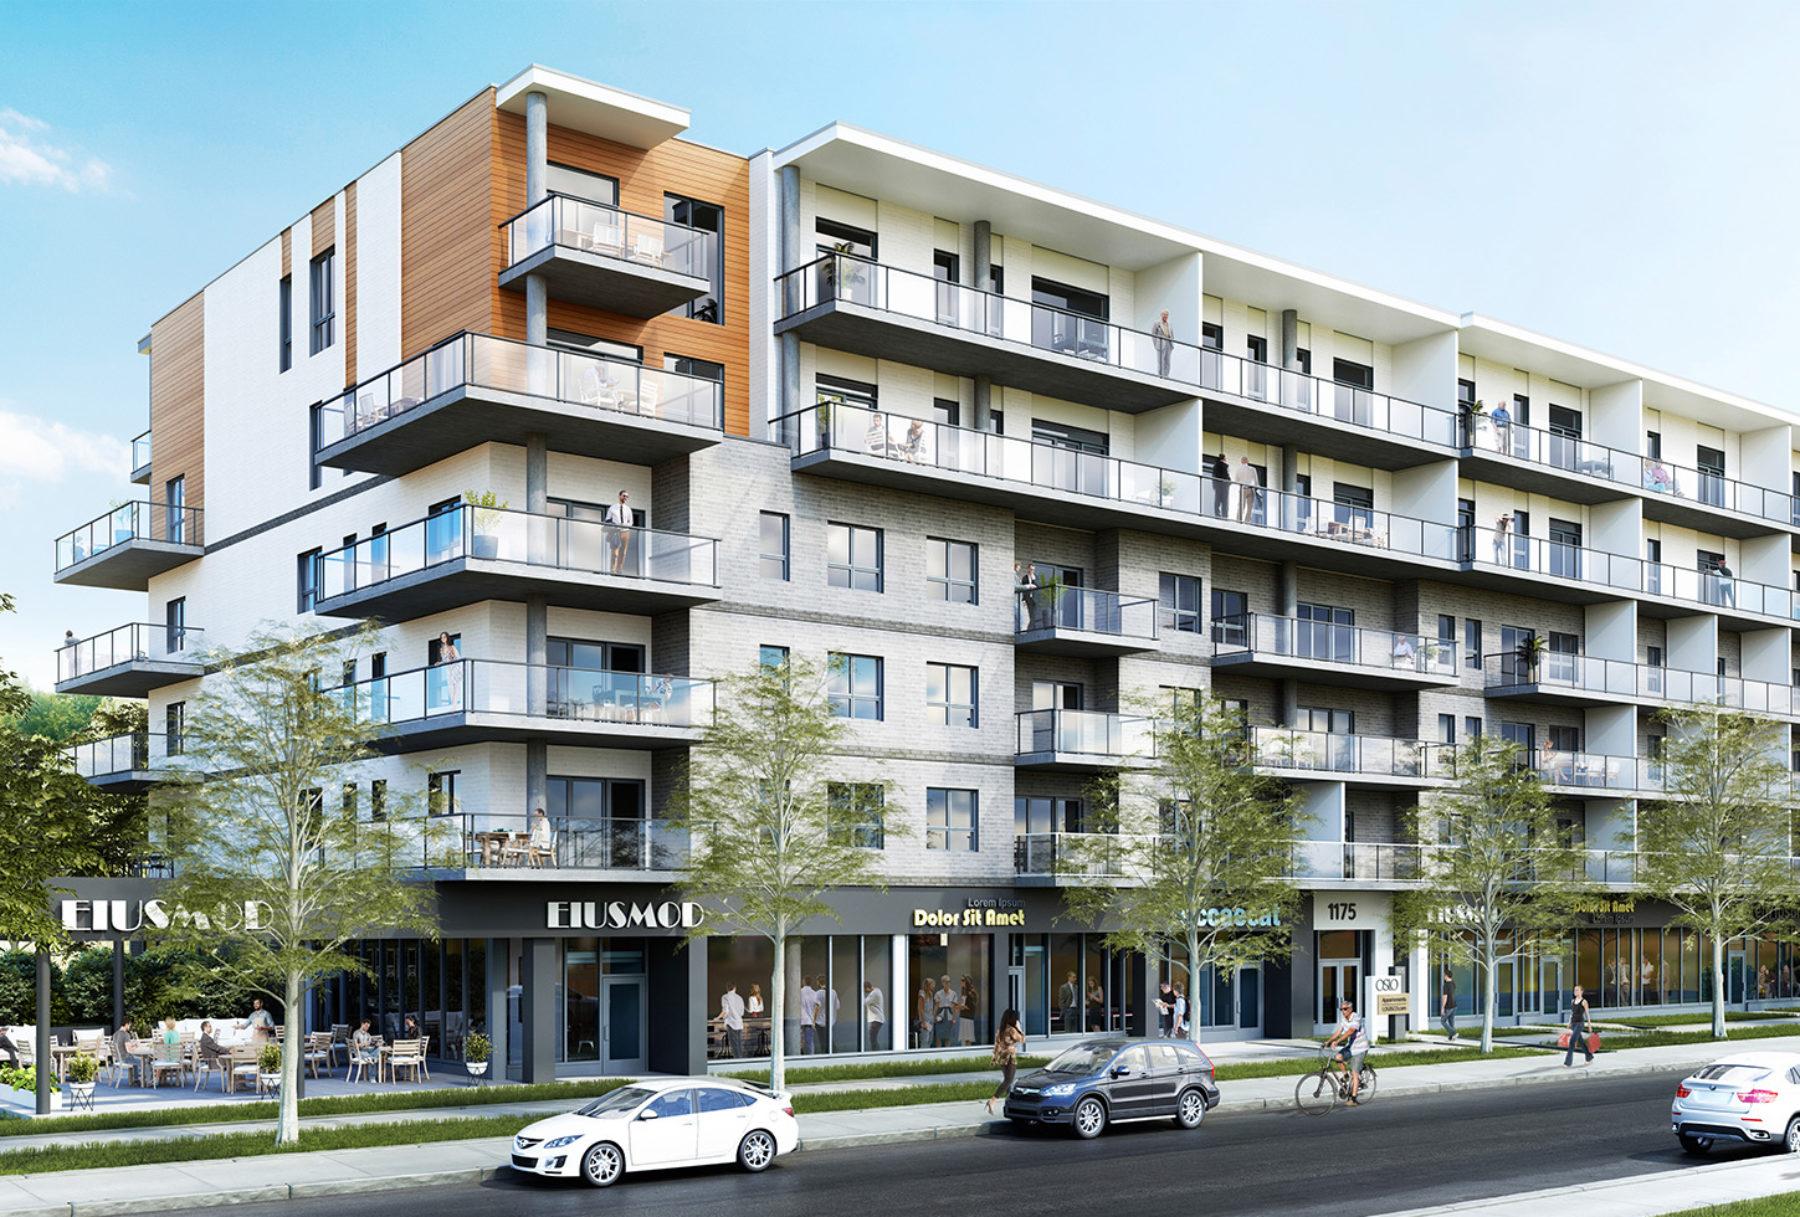 principale logisco projet résidentiel ambiance 3d architecture firme digitale